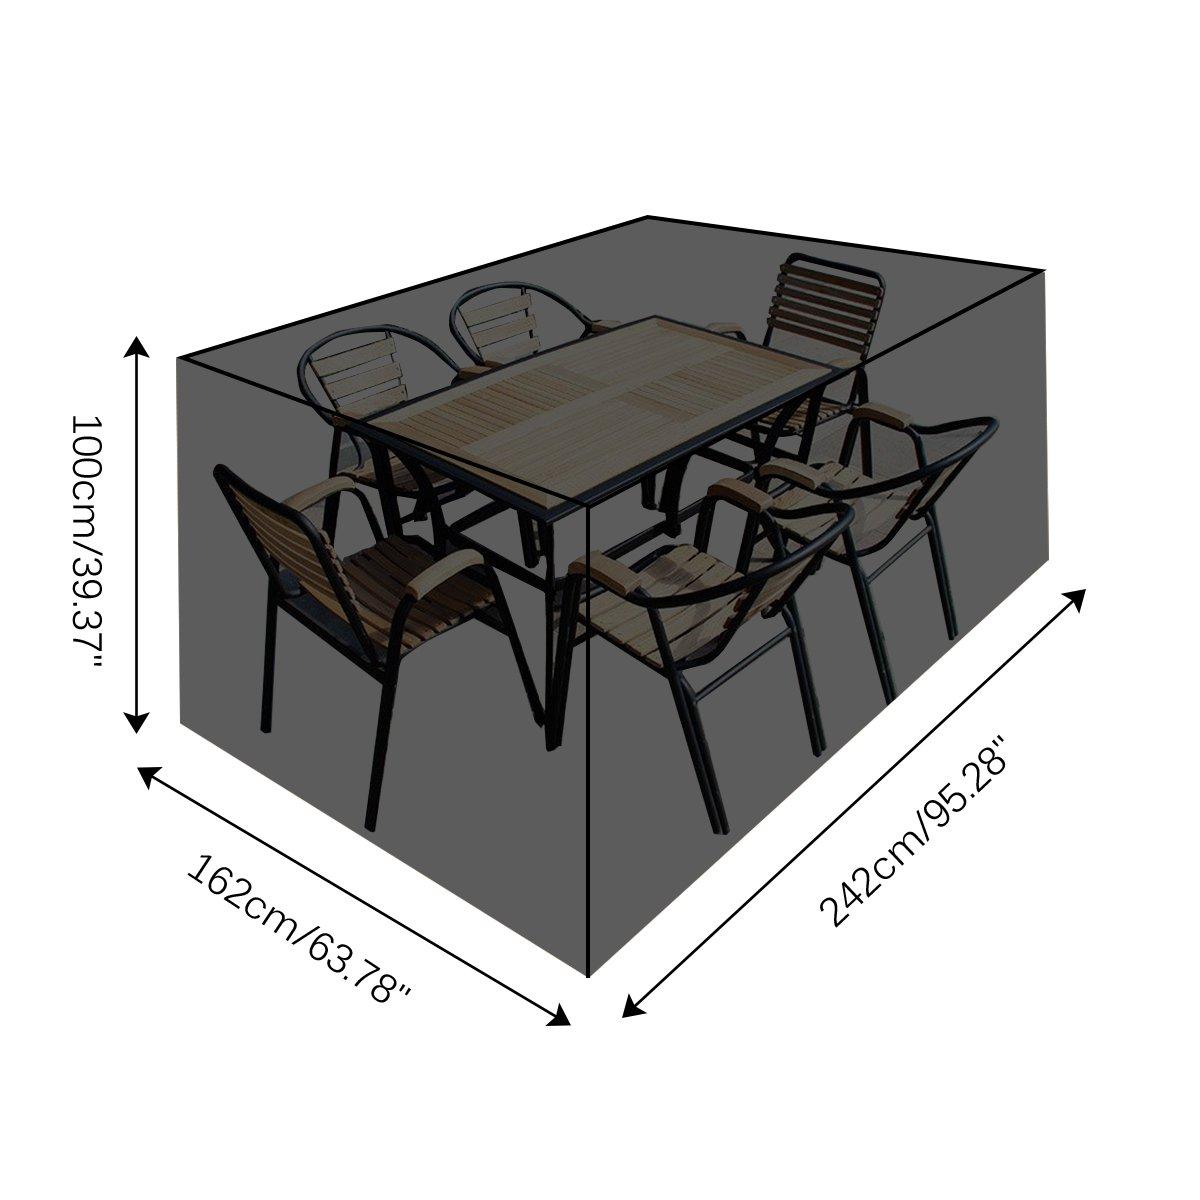 Schutzhülle Für Gartenmöbel, 242 X 162 X 100cm Gartenmöbel Abdeckung  Outdoor Möbel Für Garten Tisch Und ...